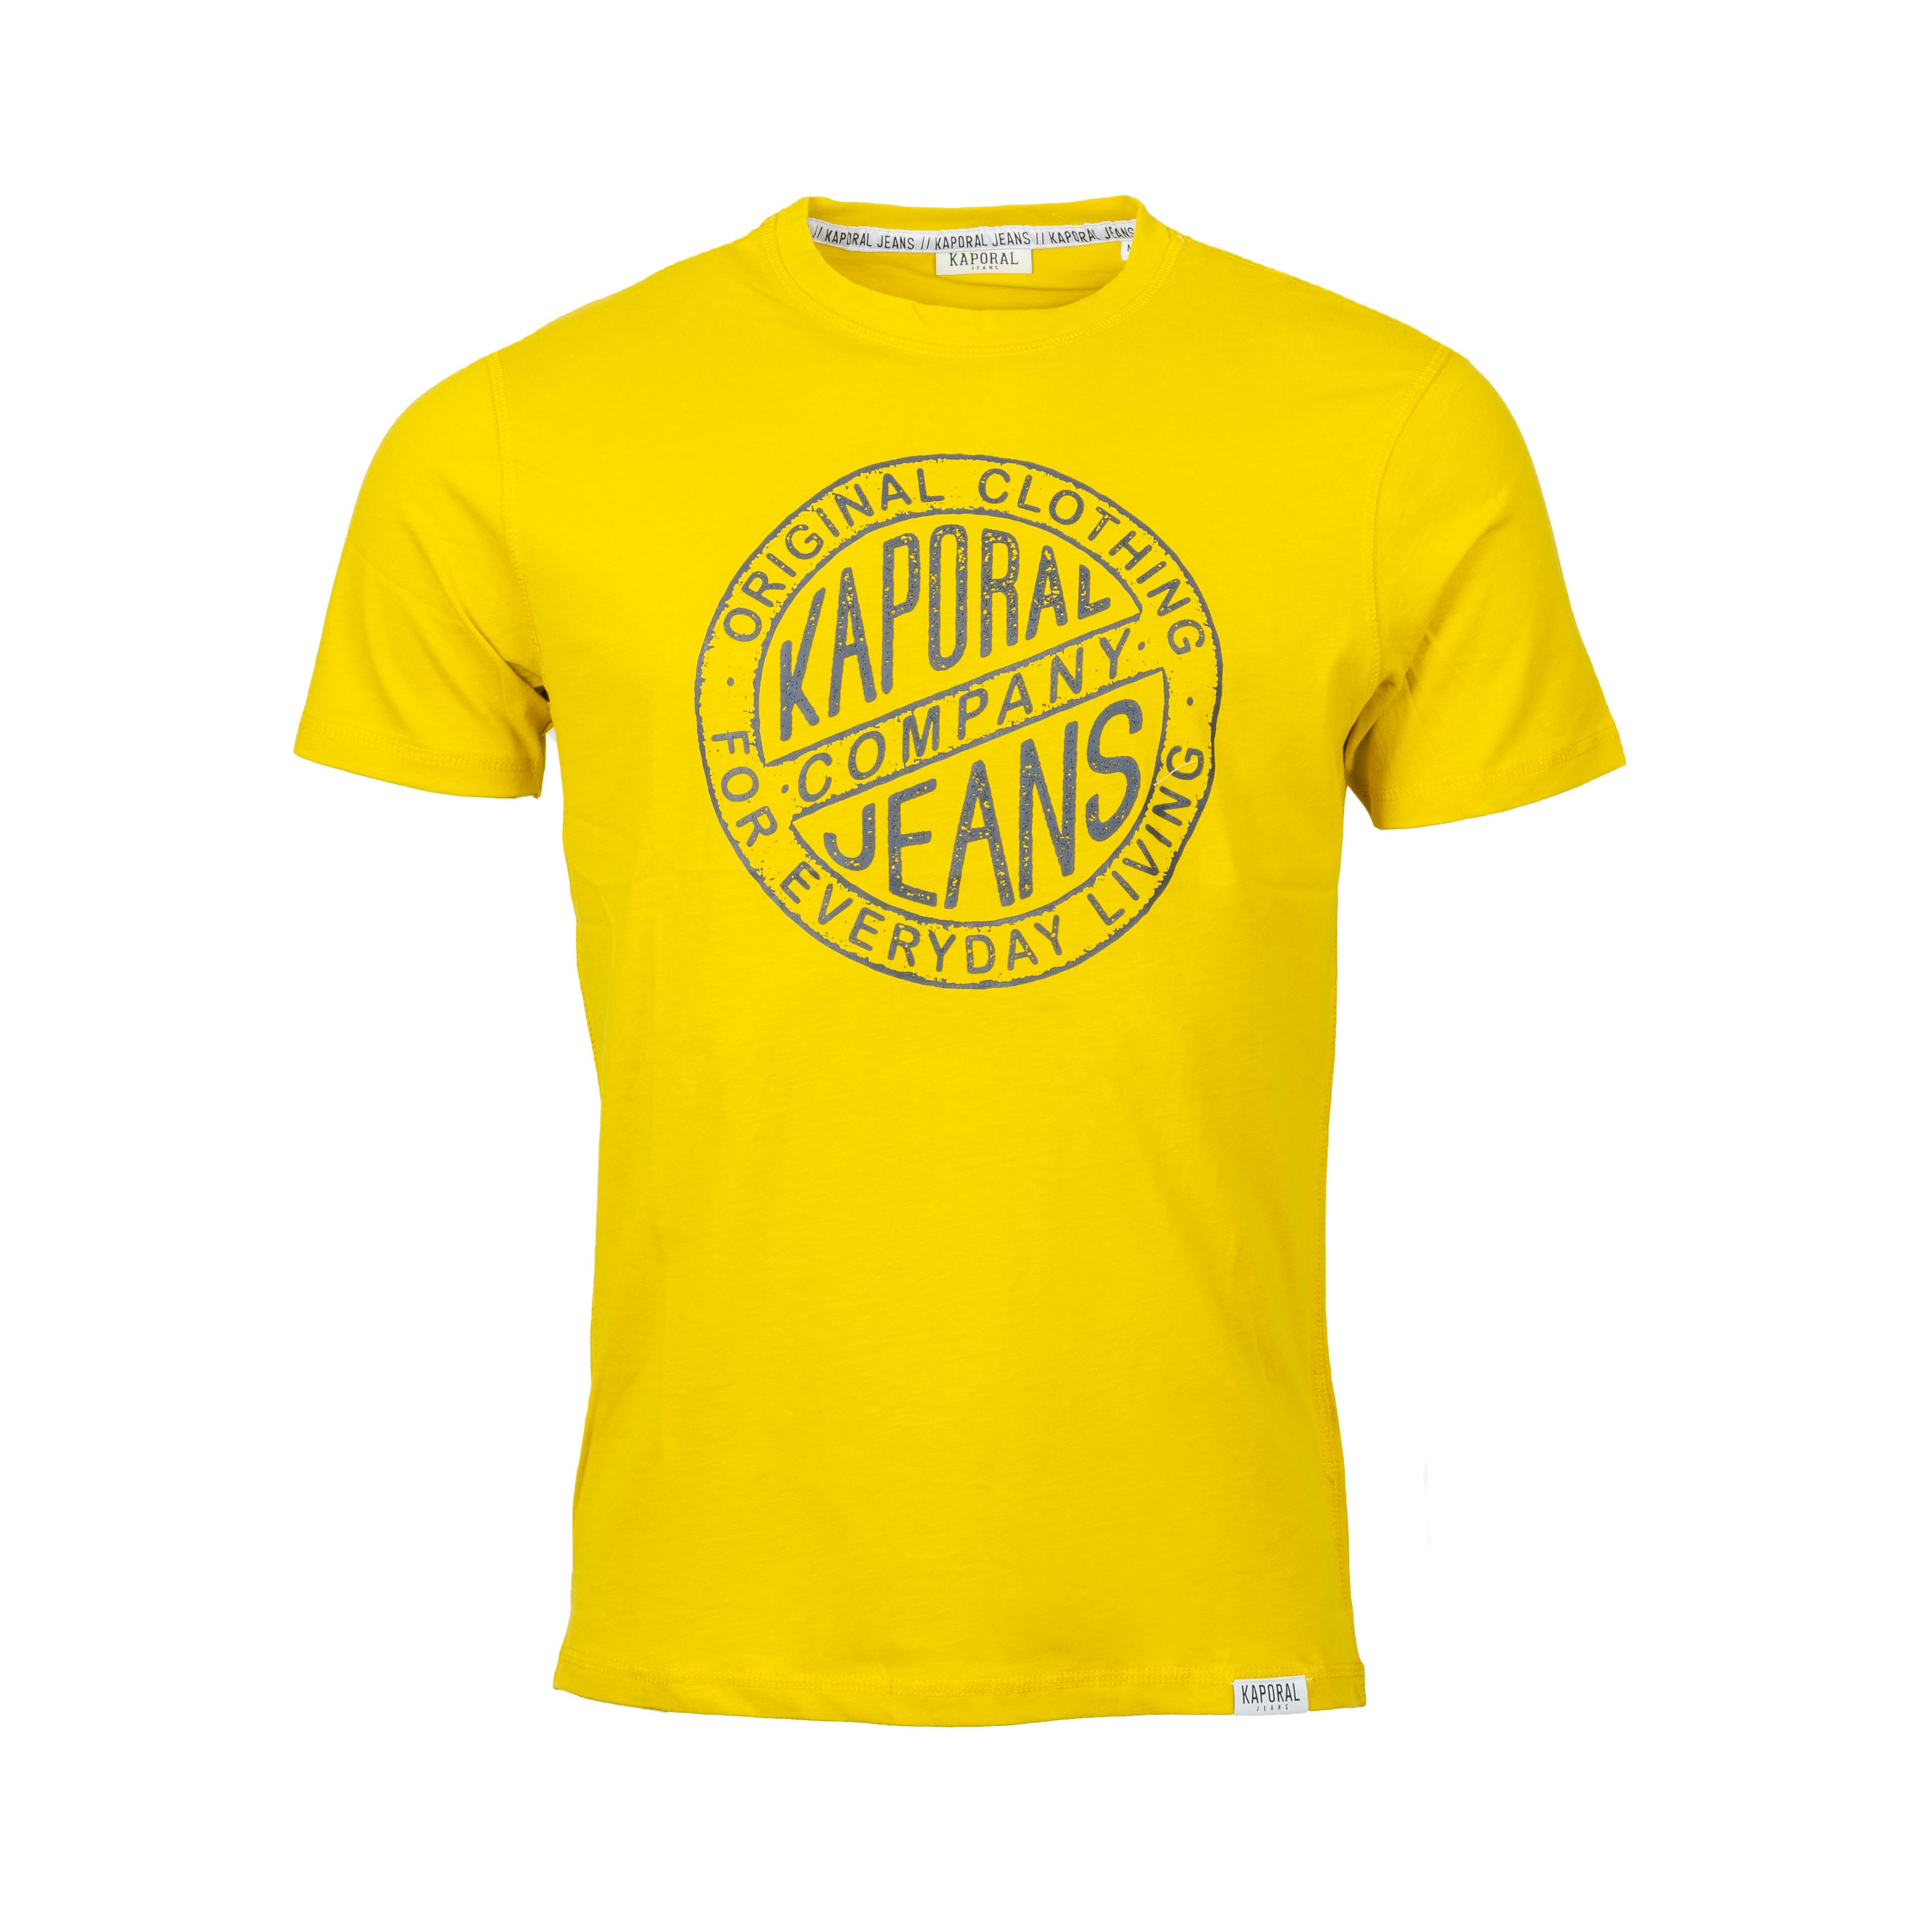 Tee-shirt col rond  tangi en coton jaune moutarde imprimé